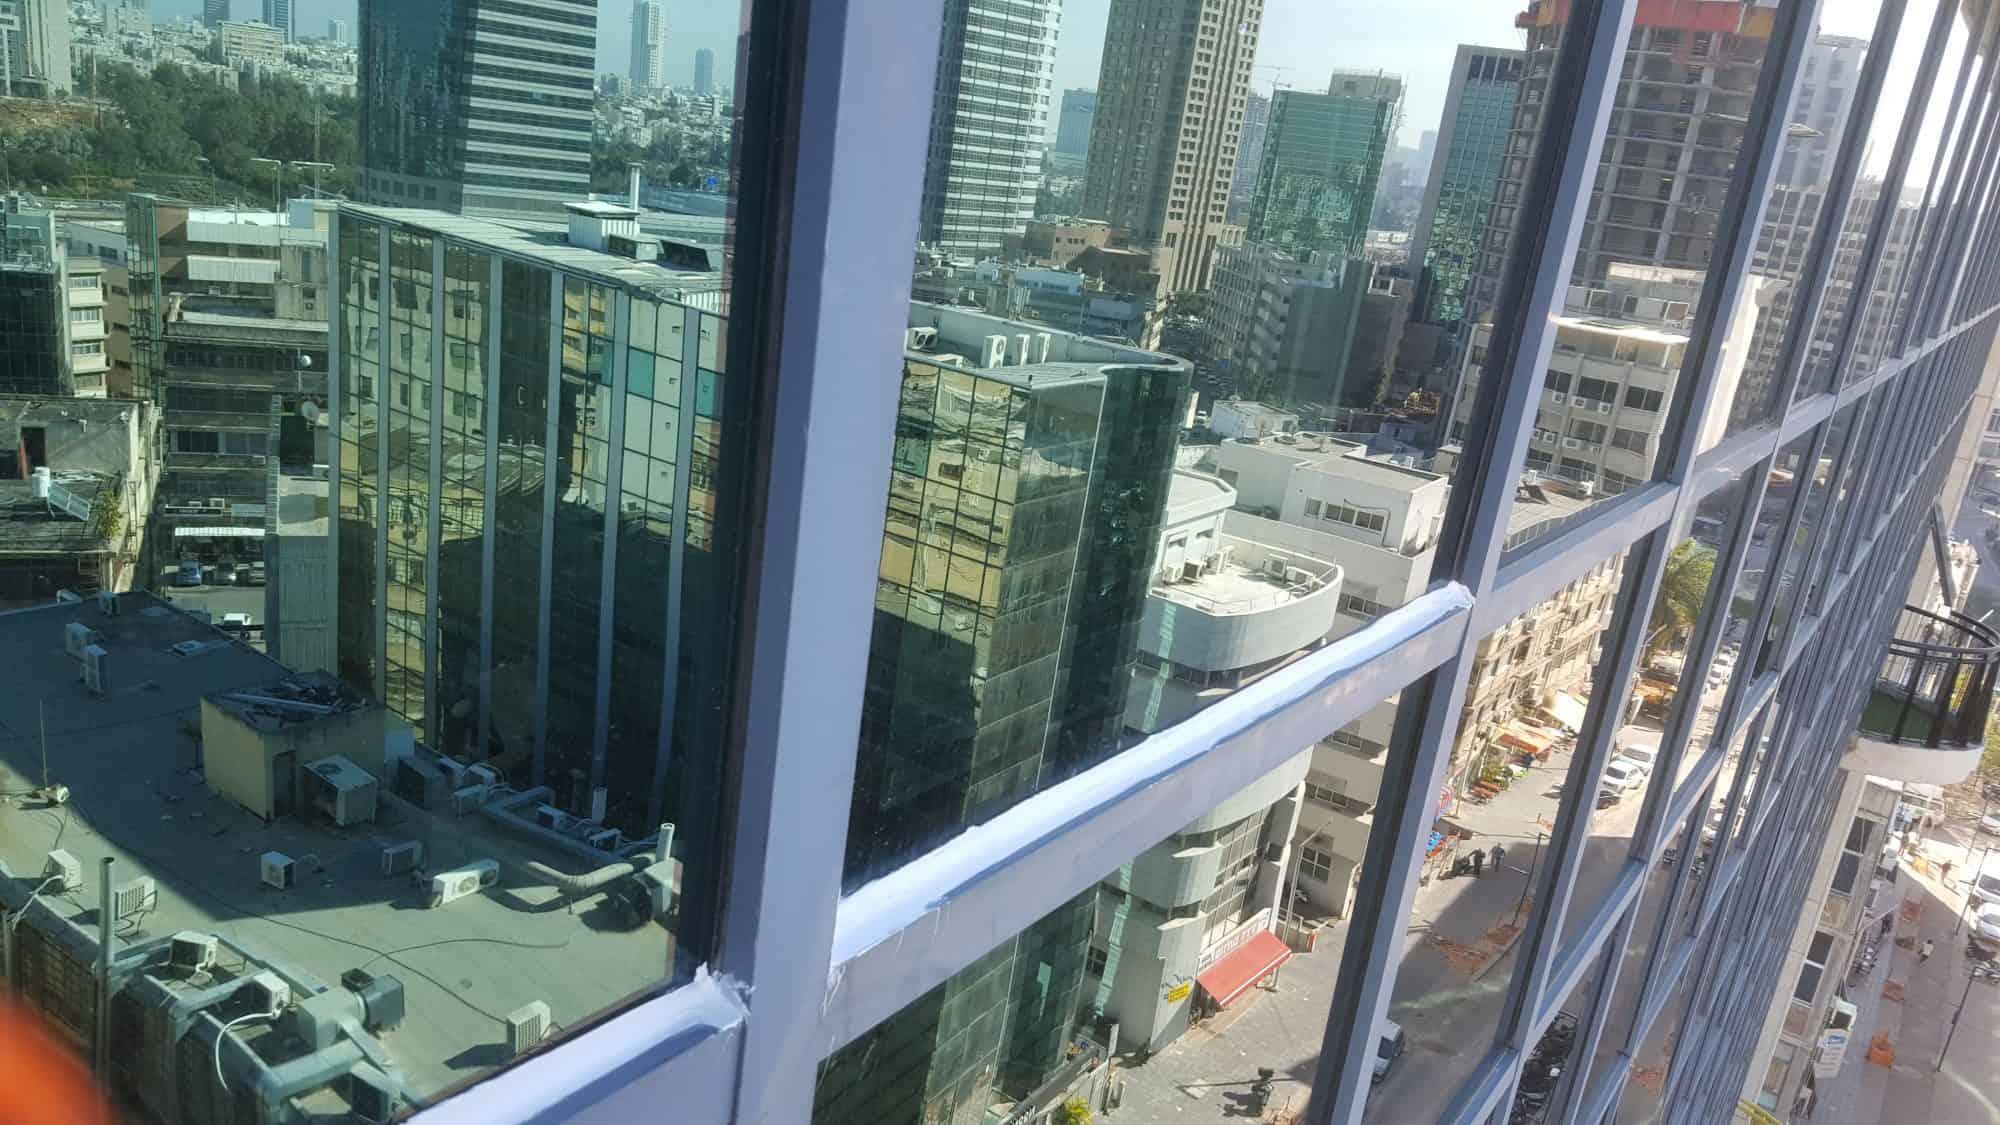 ניקוי חלונות בסנפלינג: עבר, הווה ועוד כמה דברים שאתם צריכים לדעת